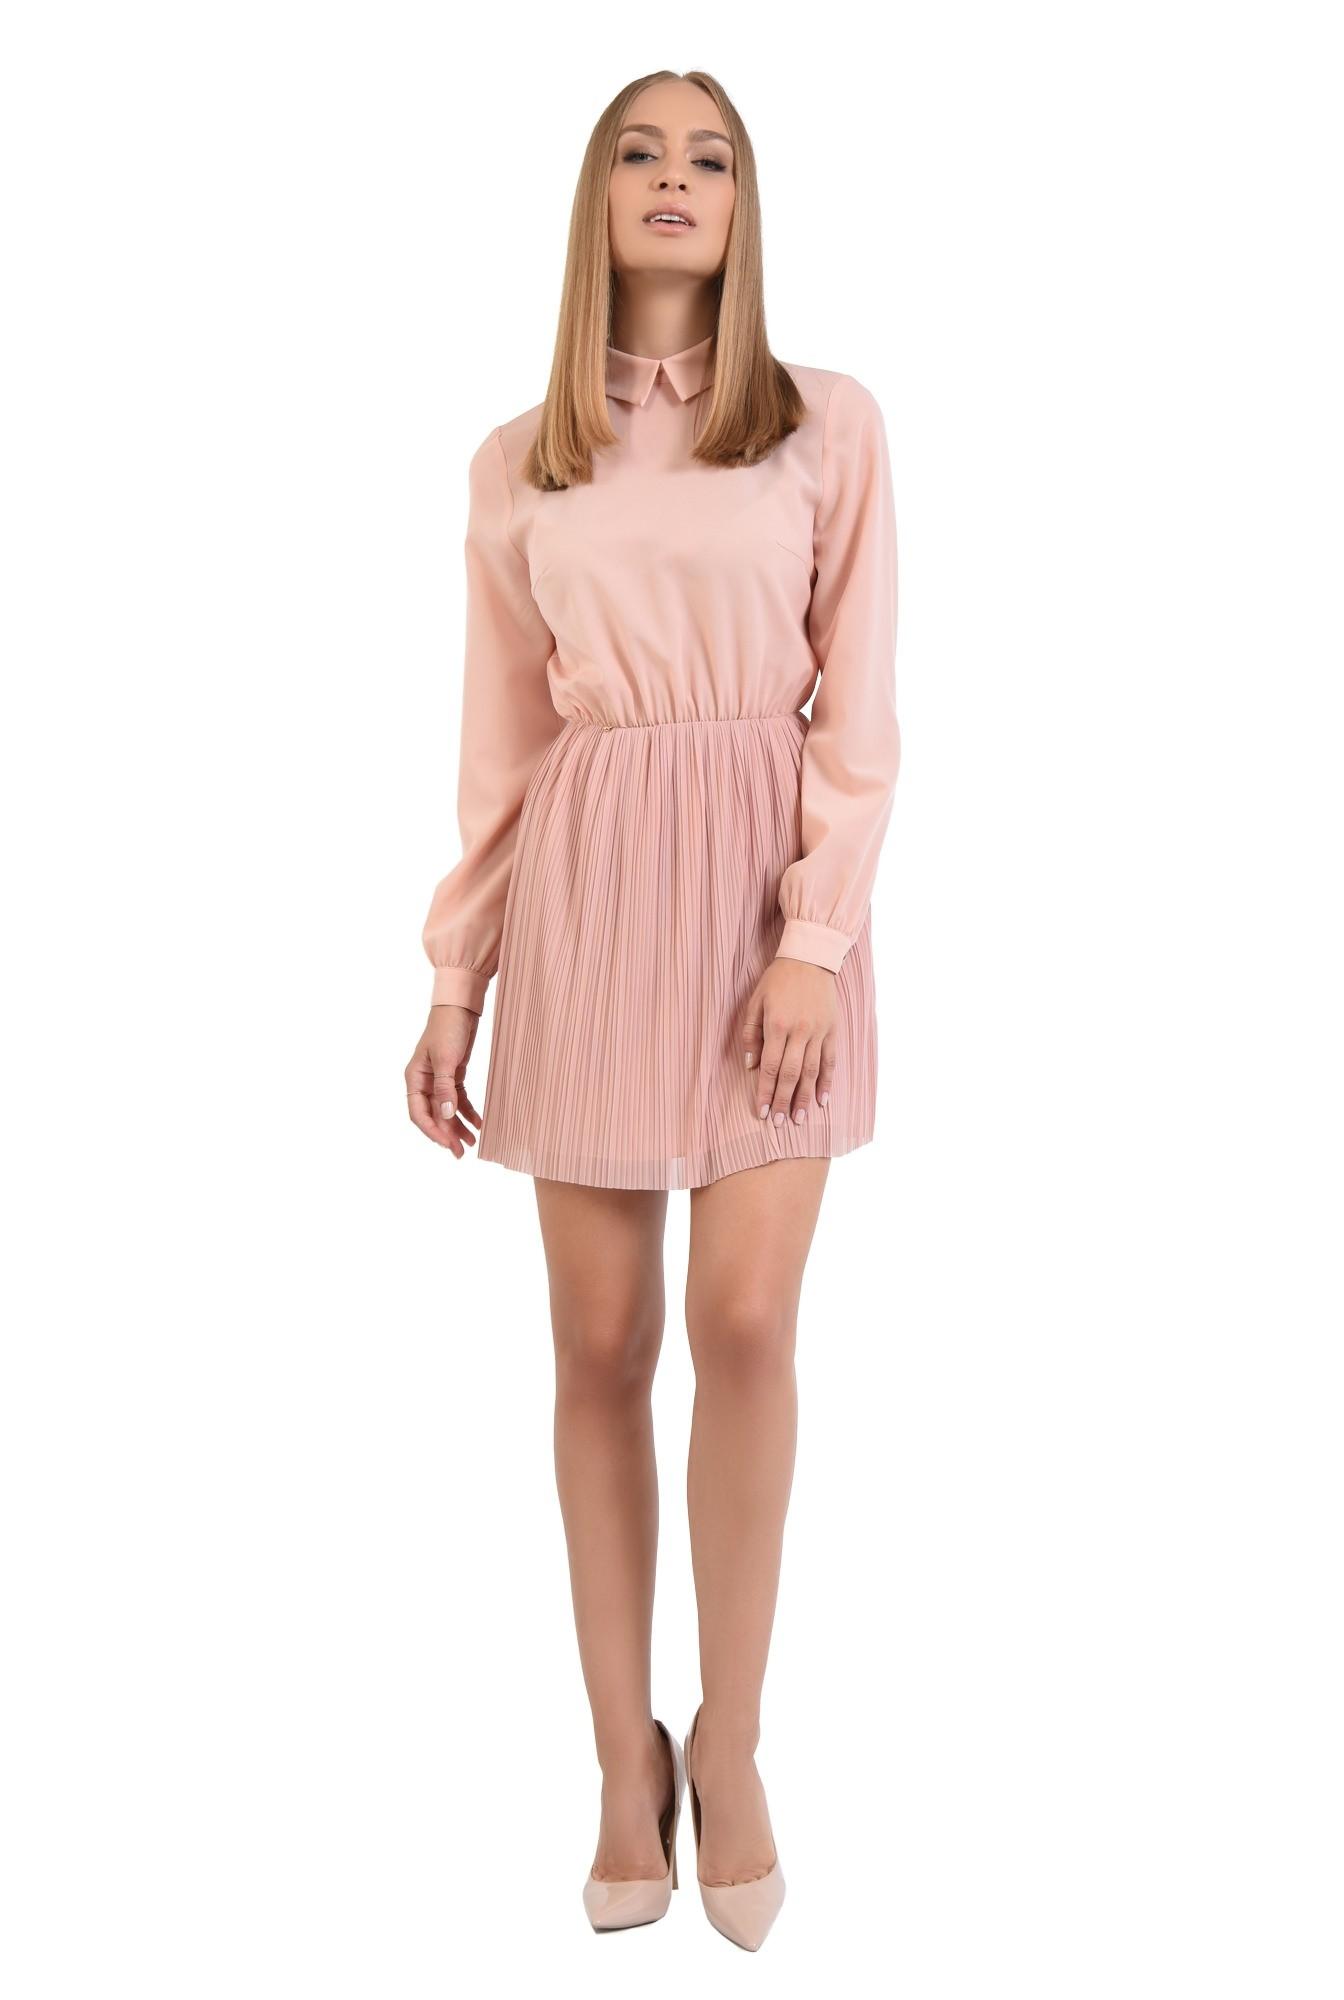 360 - rochie din voal plisata, clos, rochii online